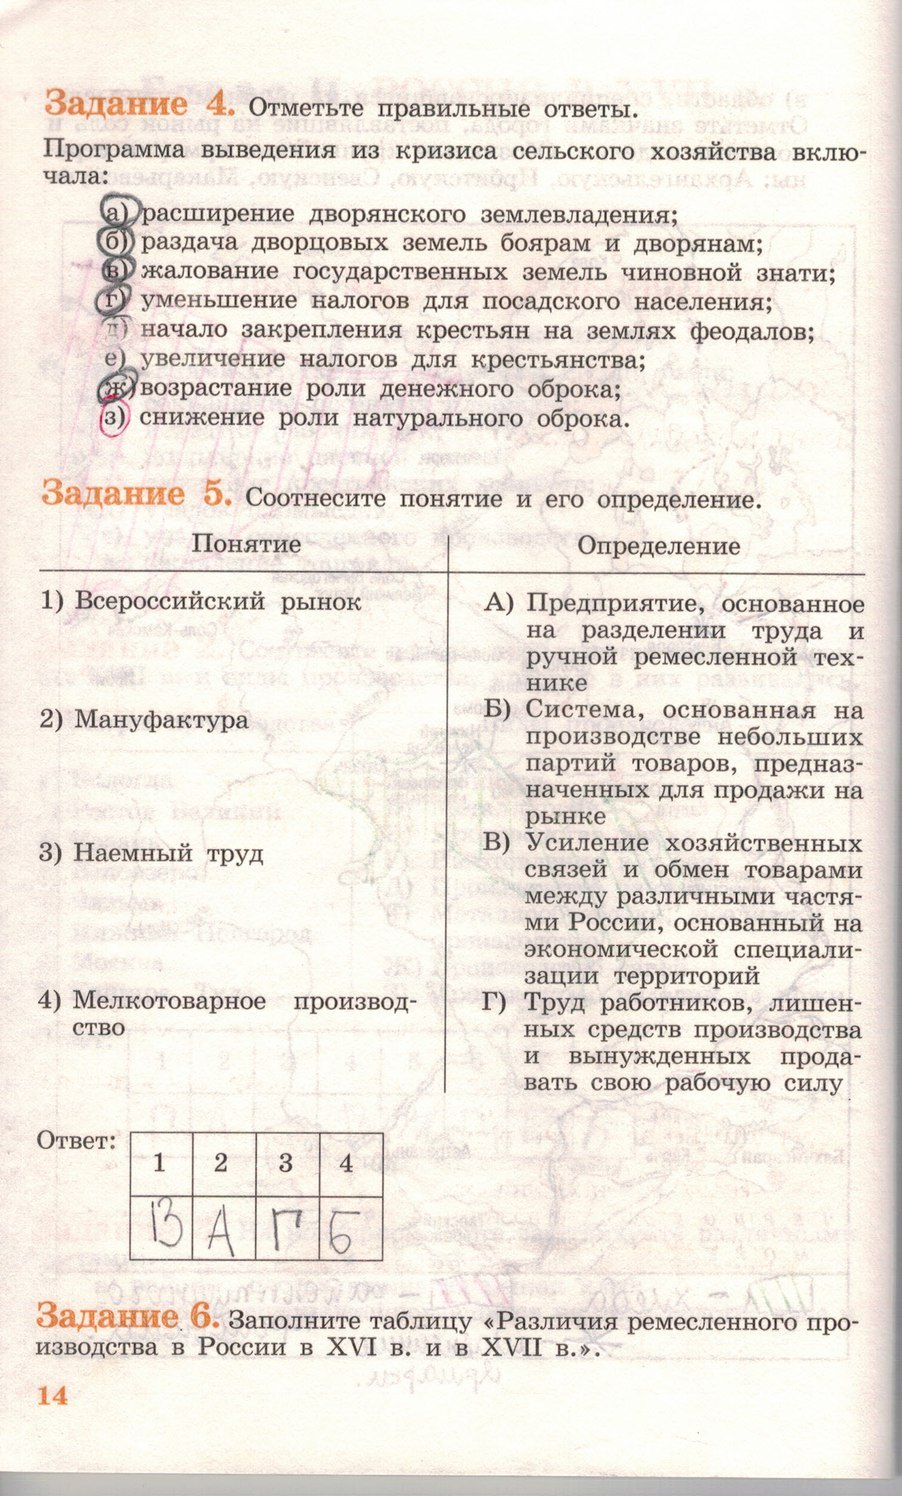 2004 гдз по истории россии